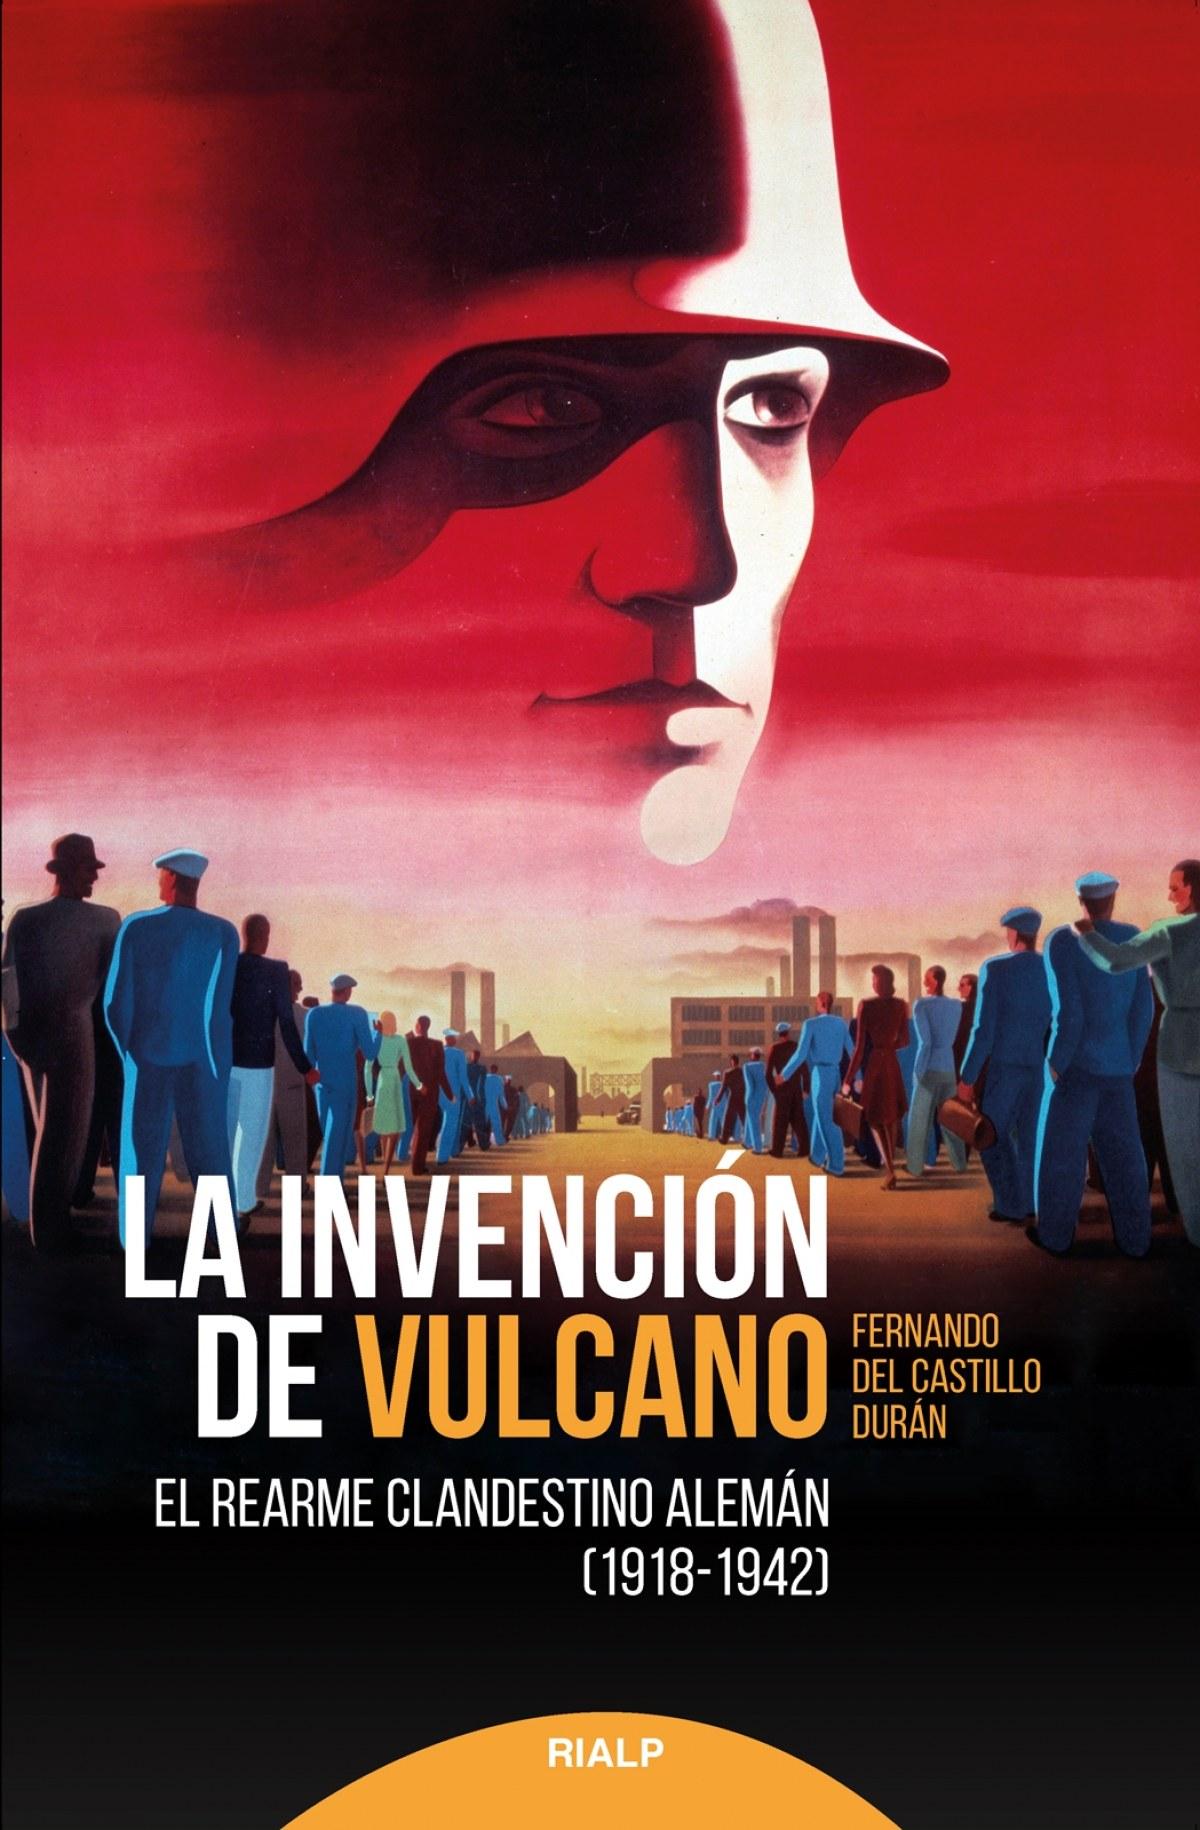 La invención de Vulcano